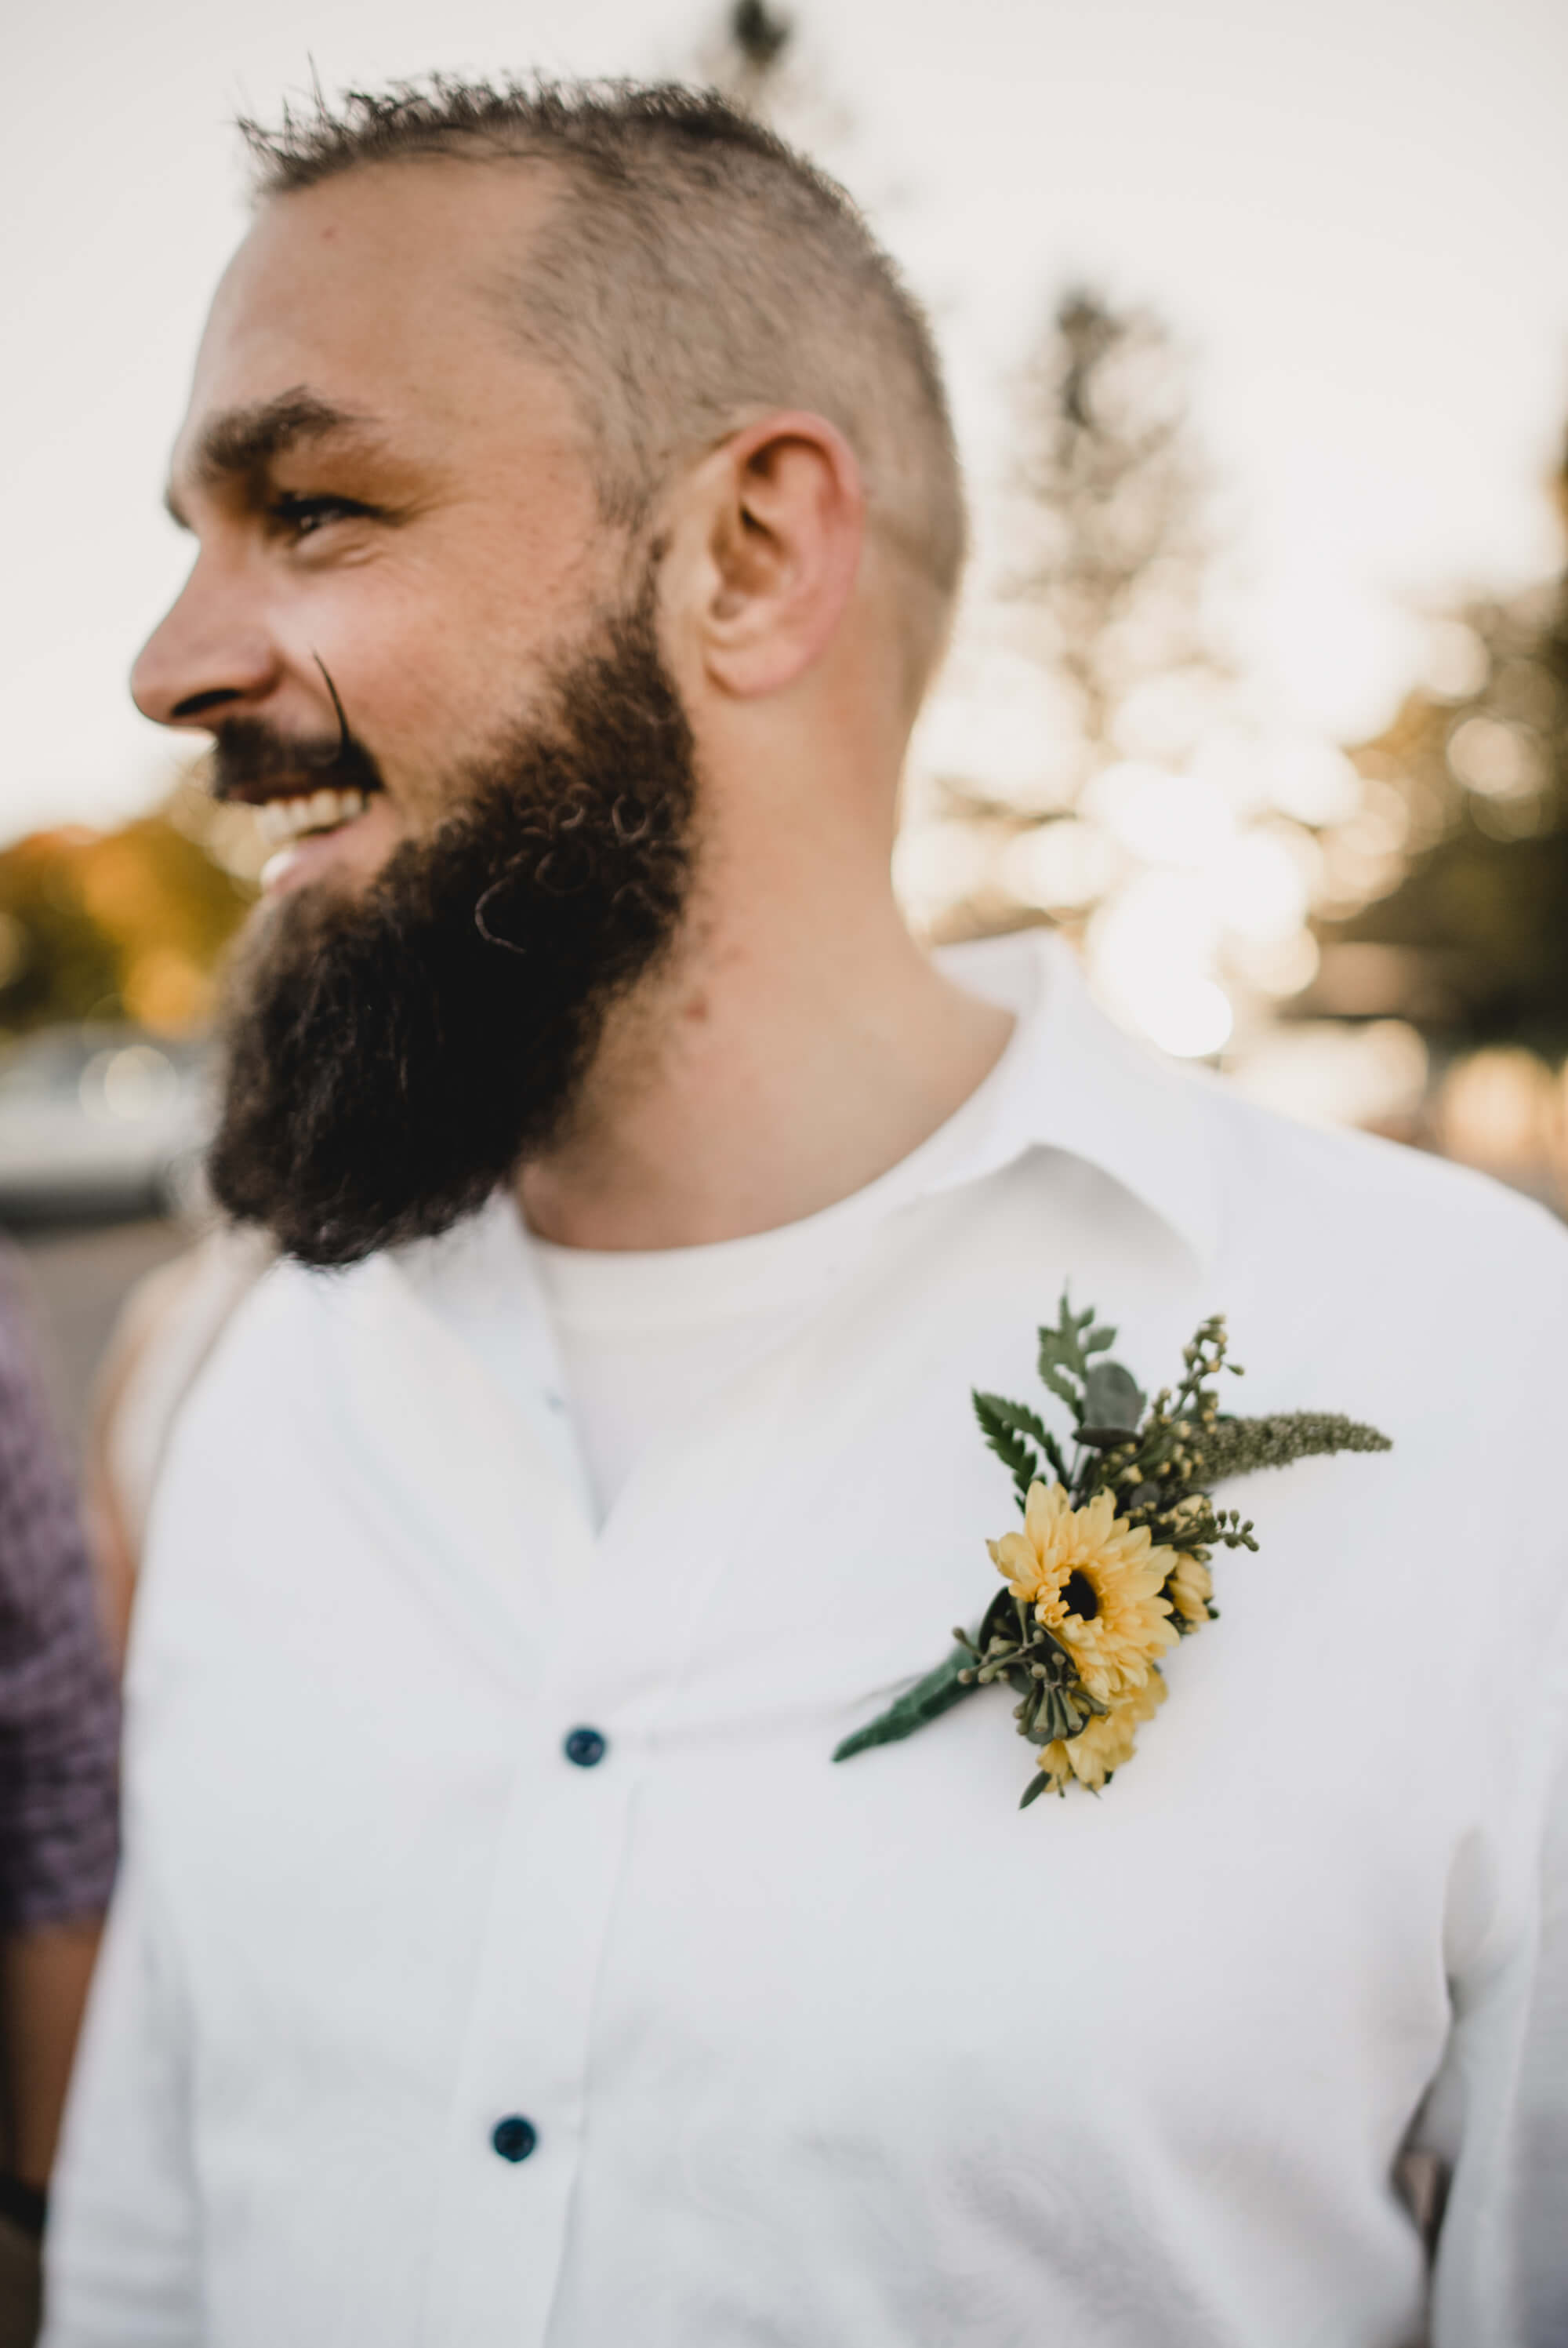 engle-olson-tammy-marc-wedding-41.jpg